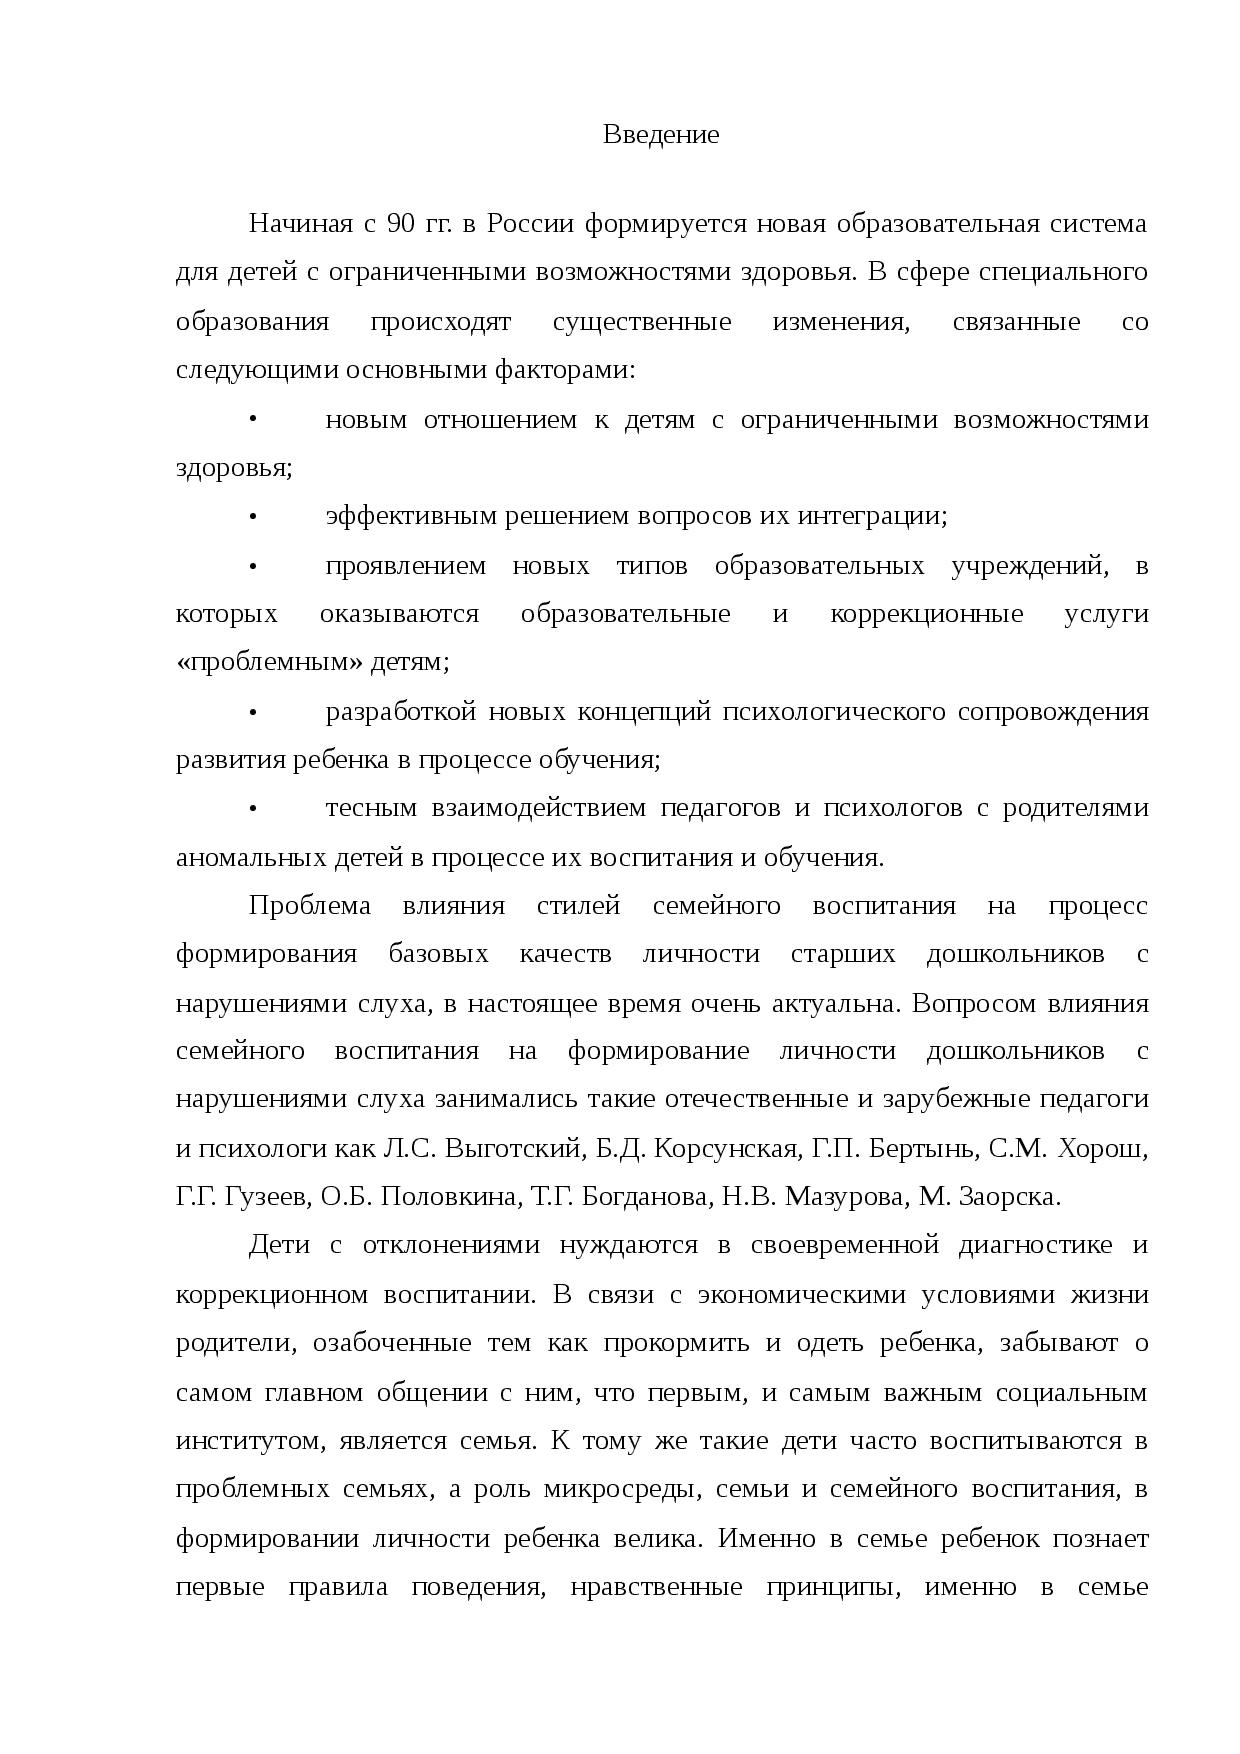 Госпитализм — википедия